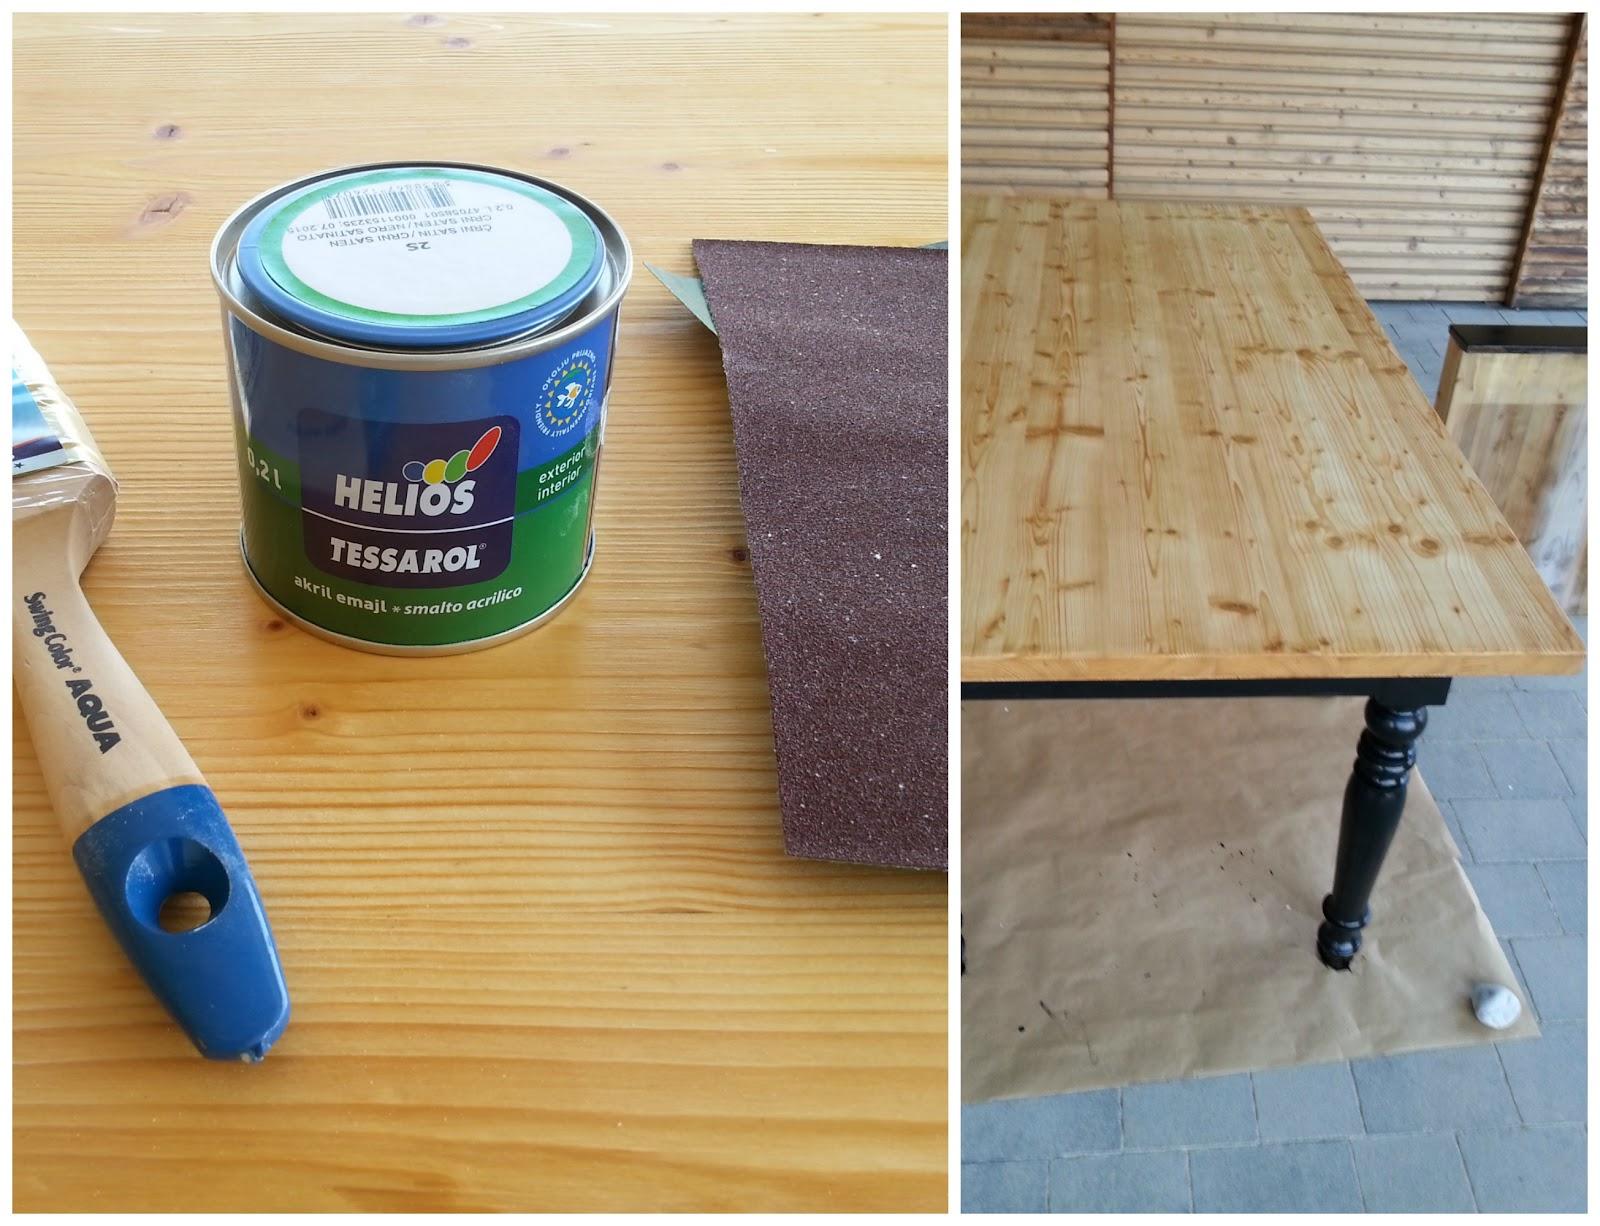 Spodnji del mize sem dobro prebrusila in pobarvala z črno mat barvo na vodni osnovi.